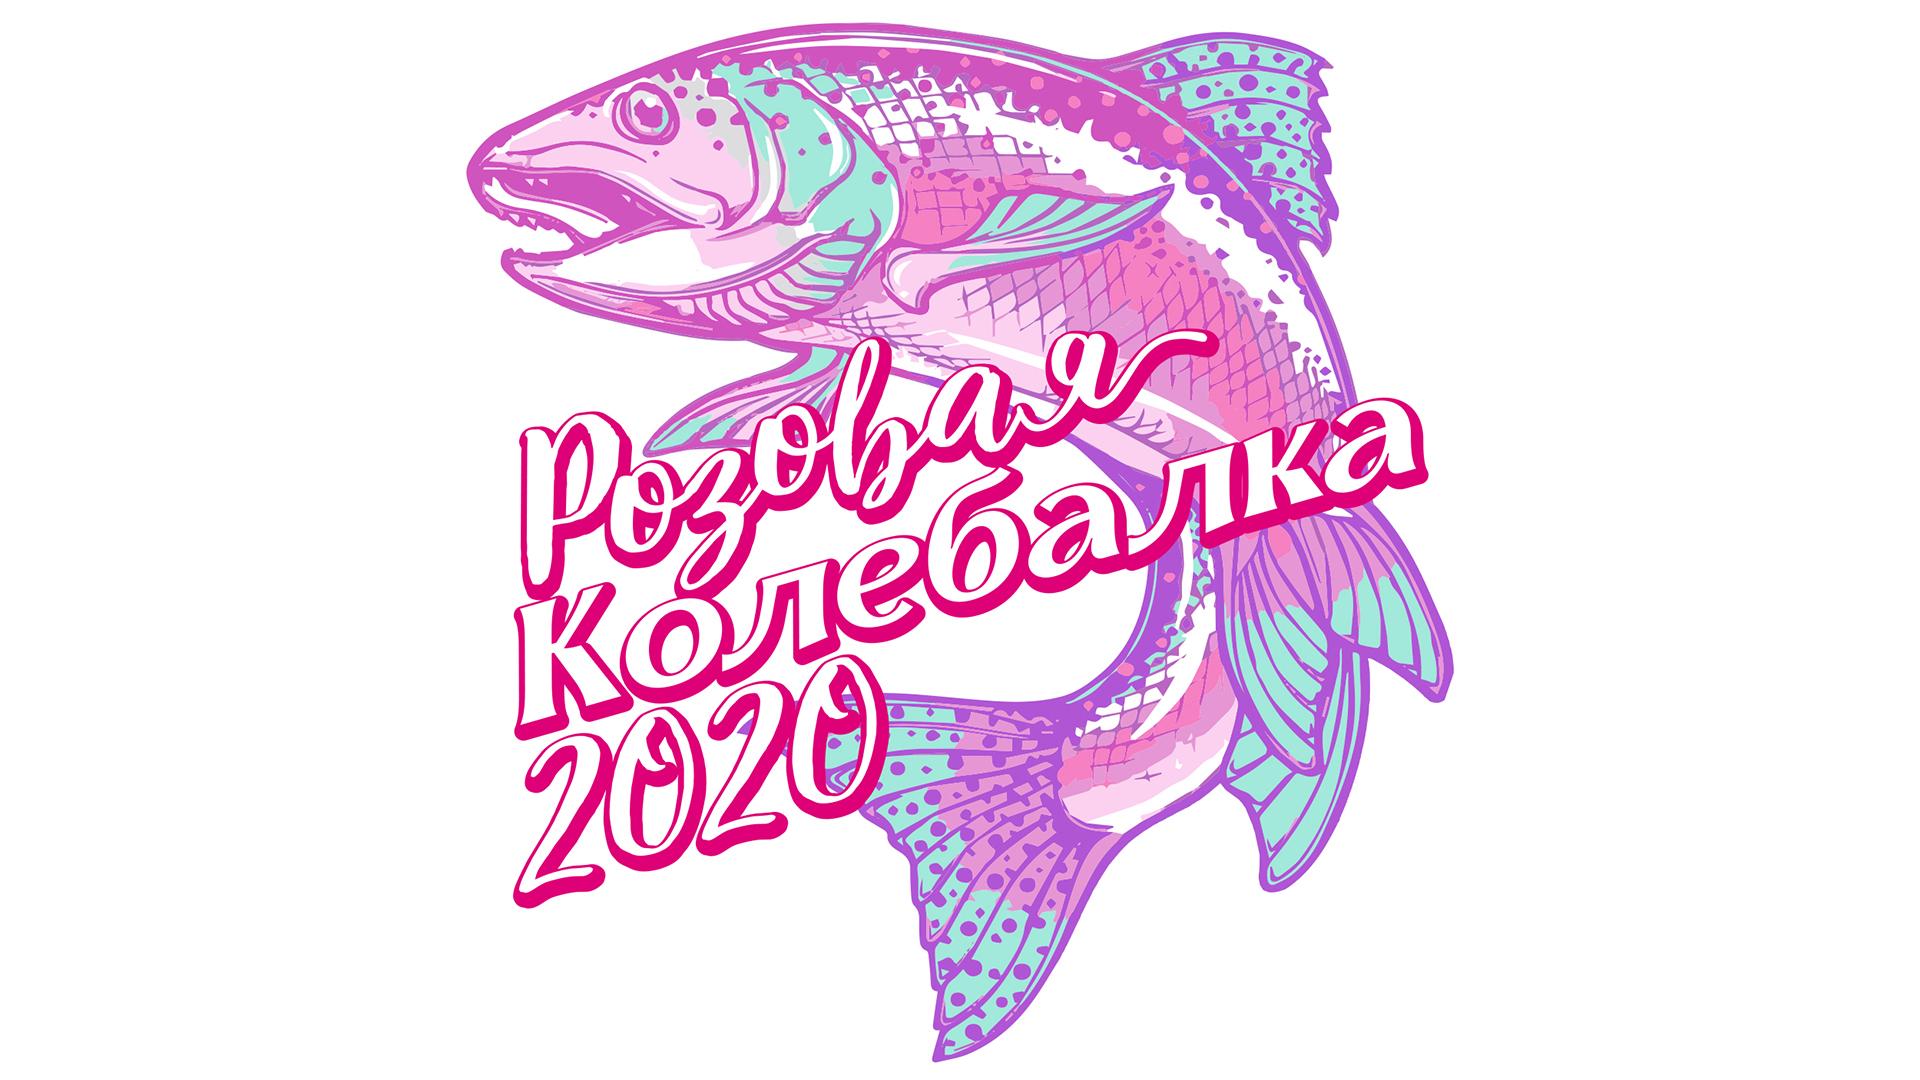 Розовая Колебалка — 2020